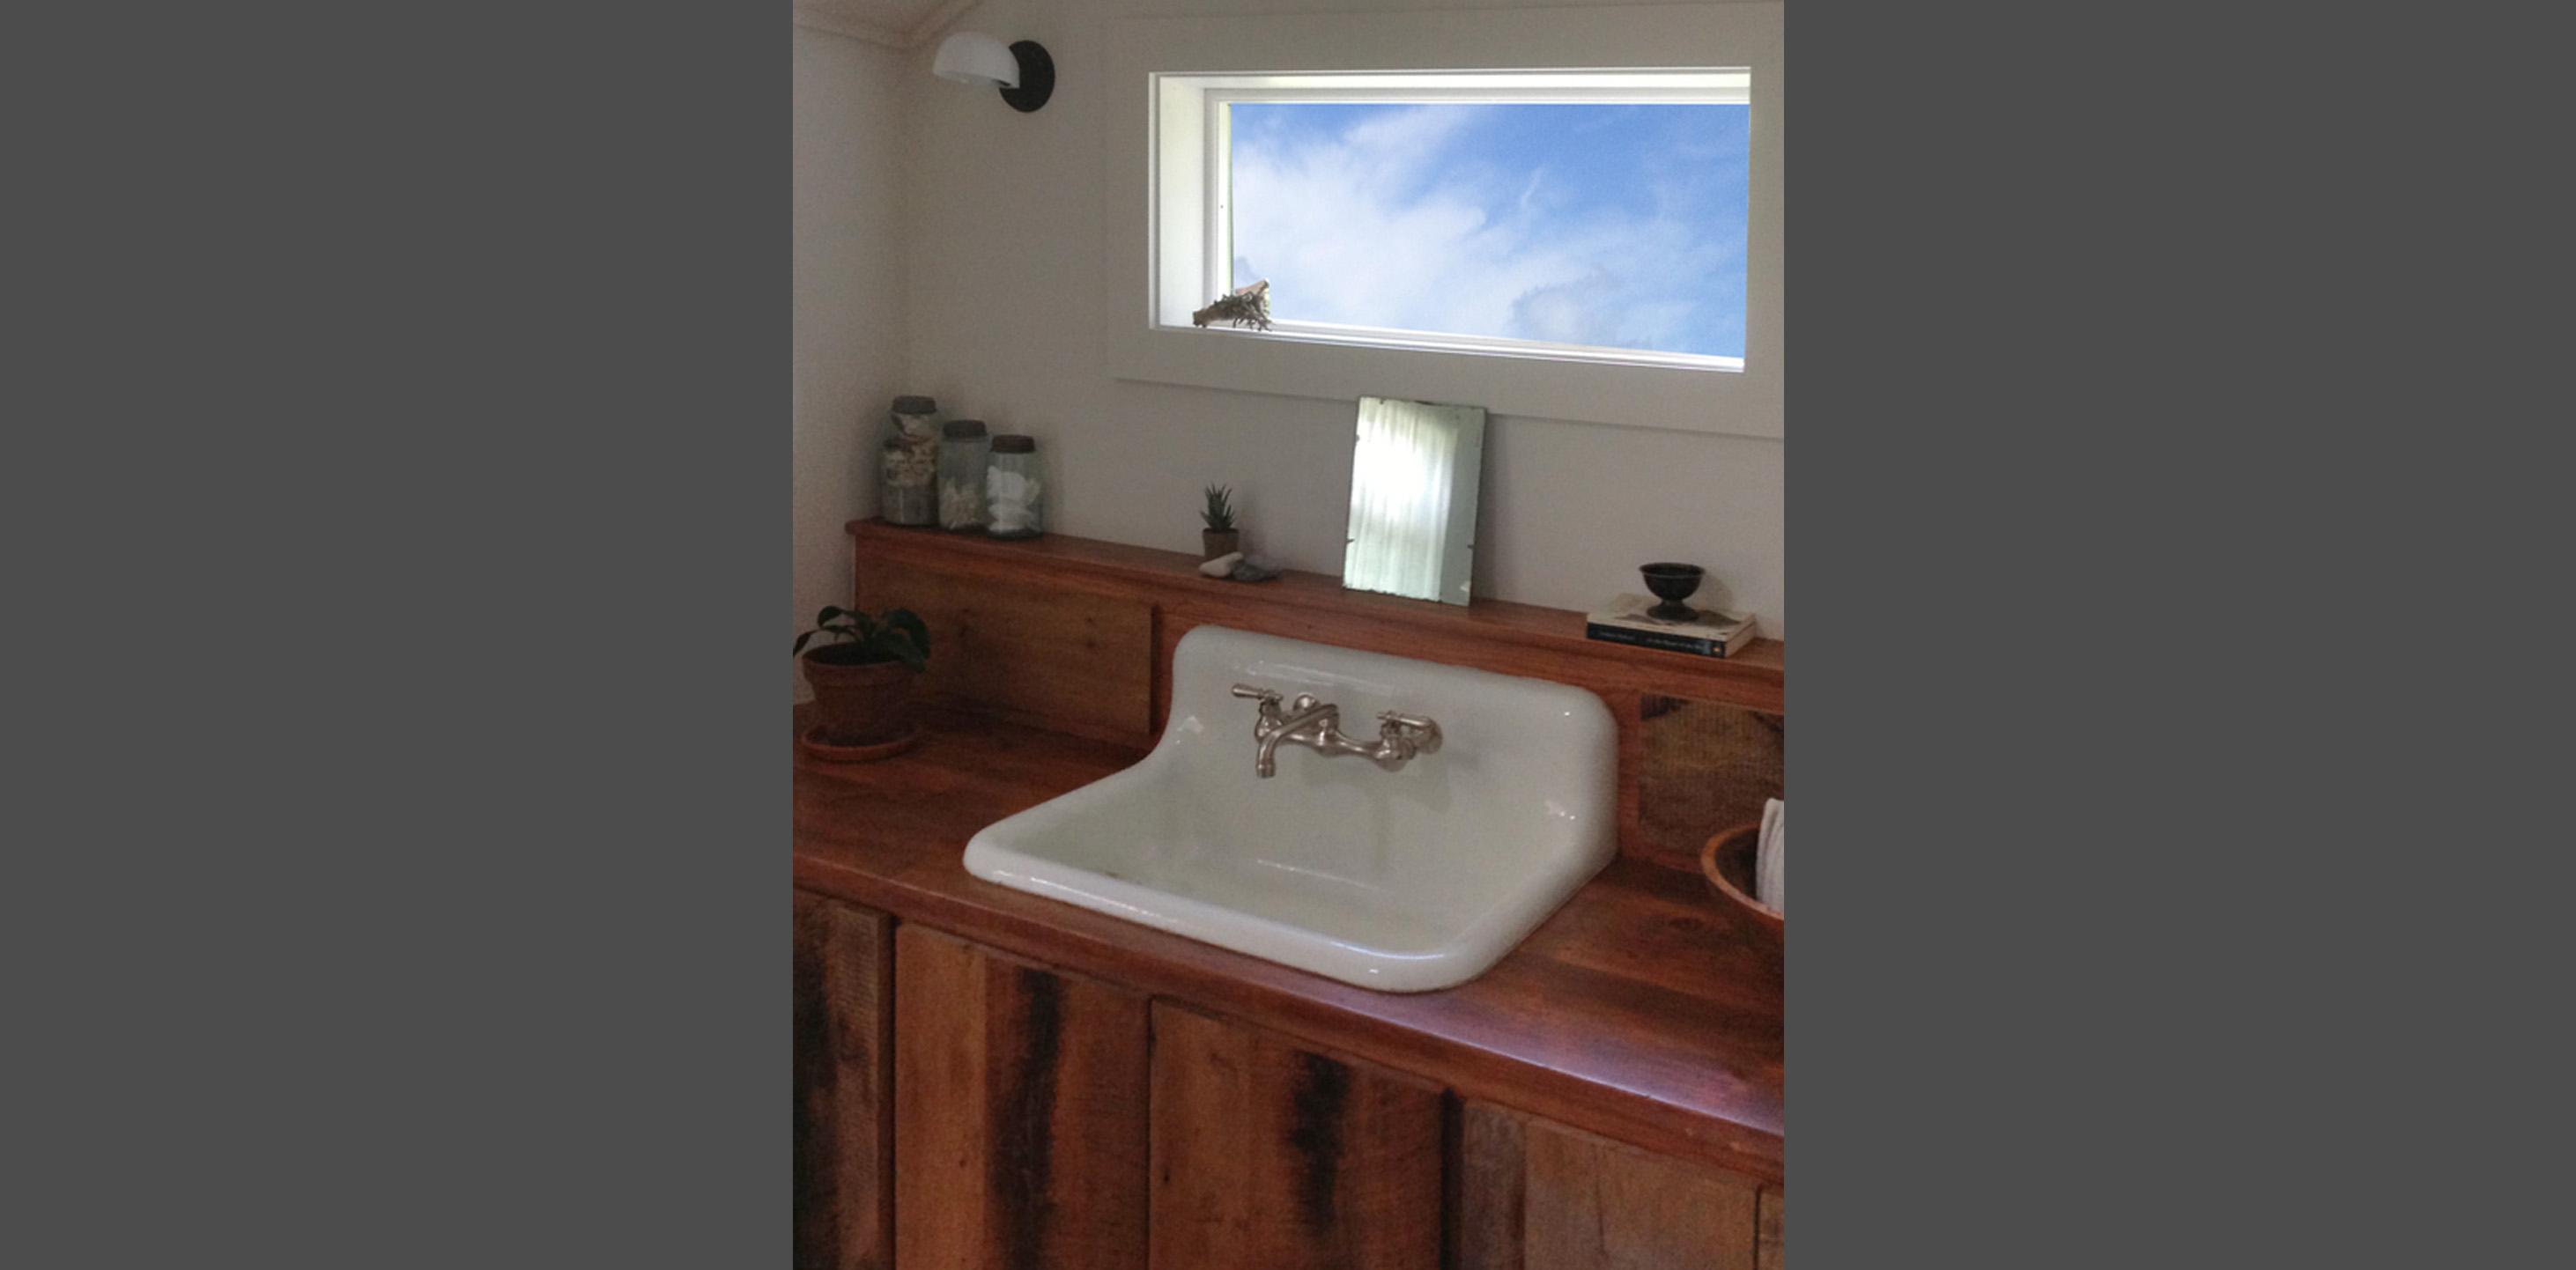 sink, basin, wood